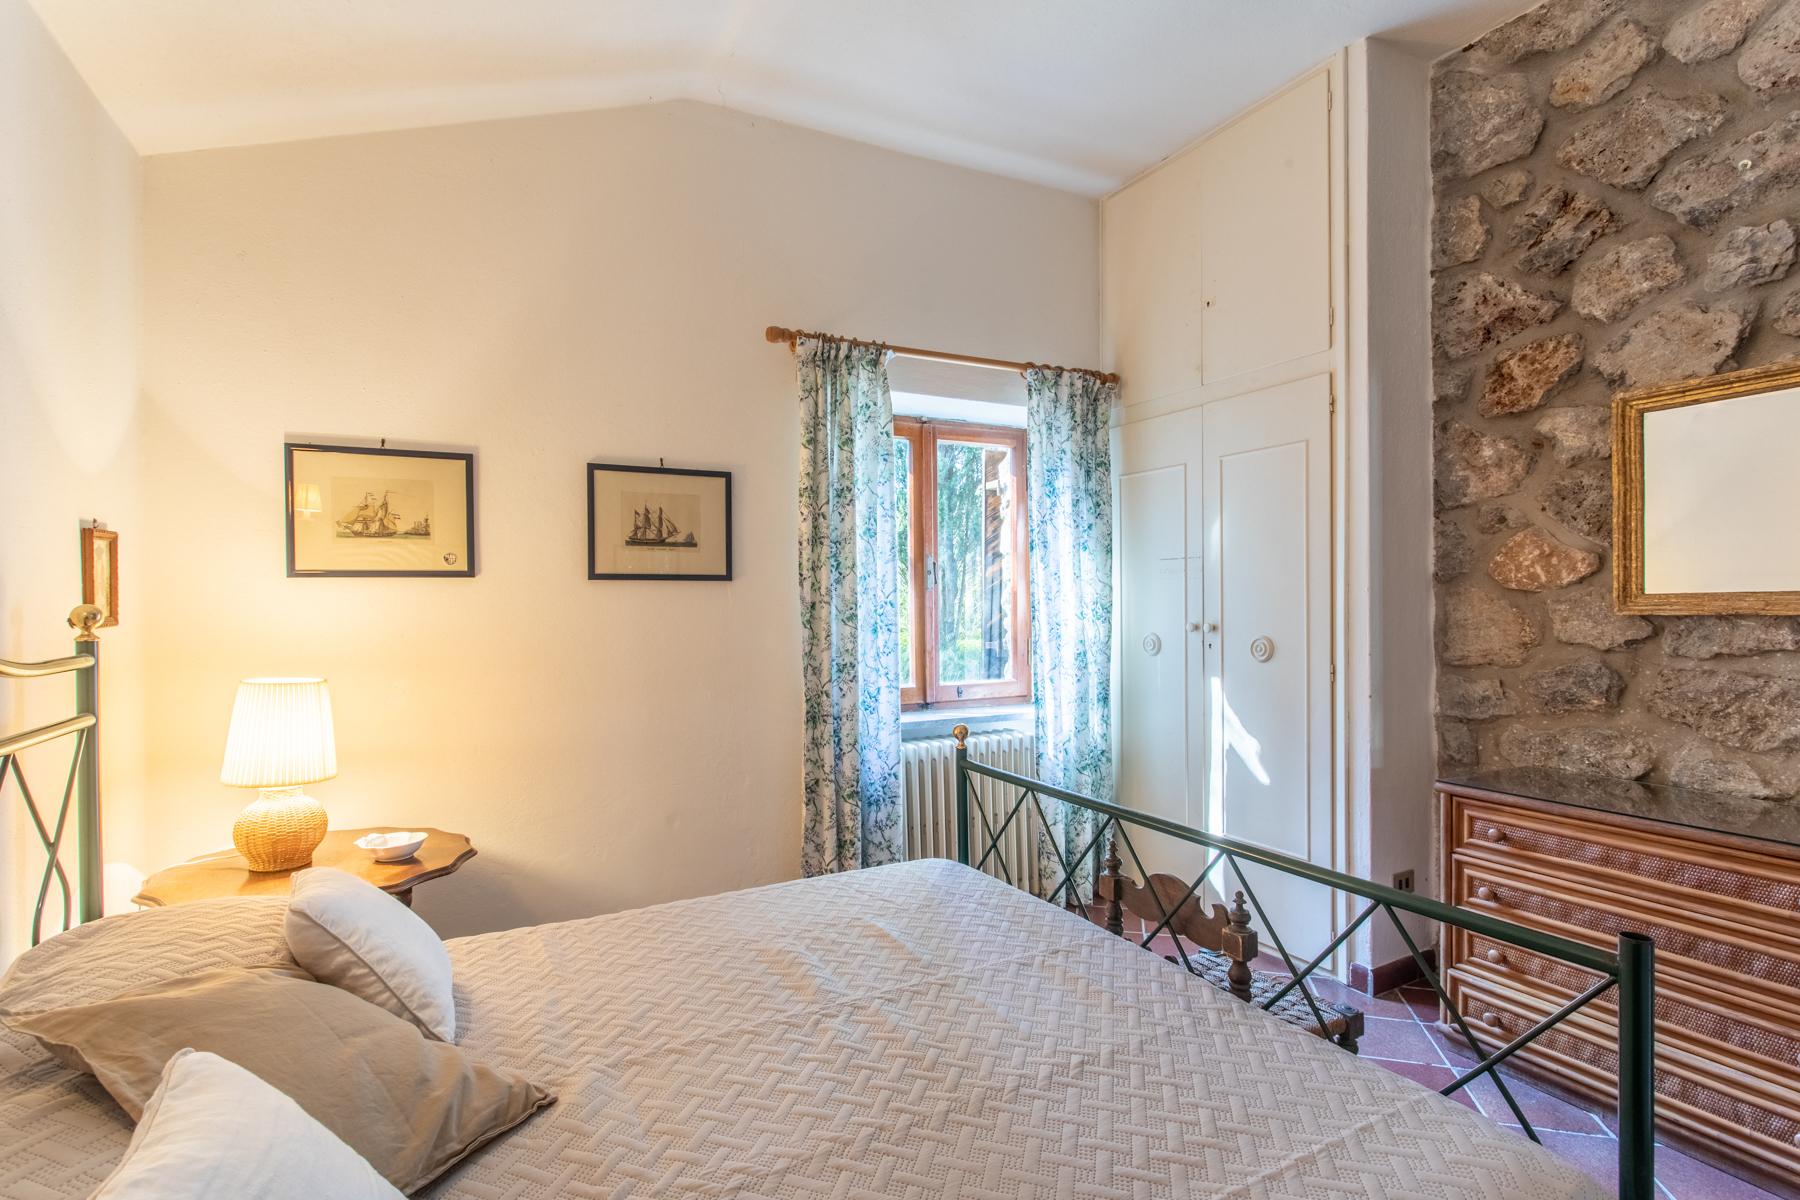 Villa in Vendita a Orbetello: 5 locali, 240 mq - Foto 24